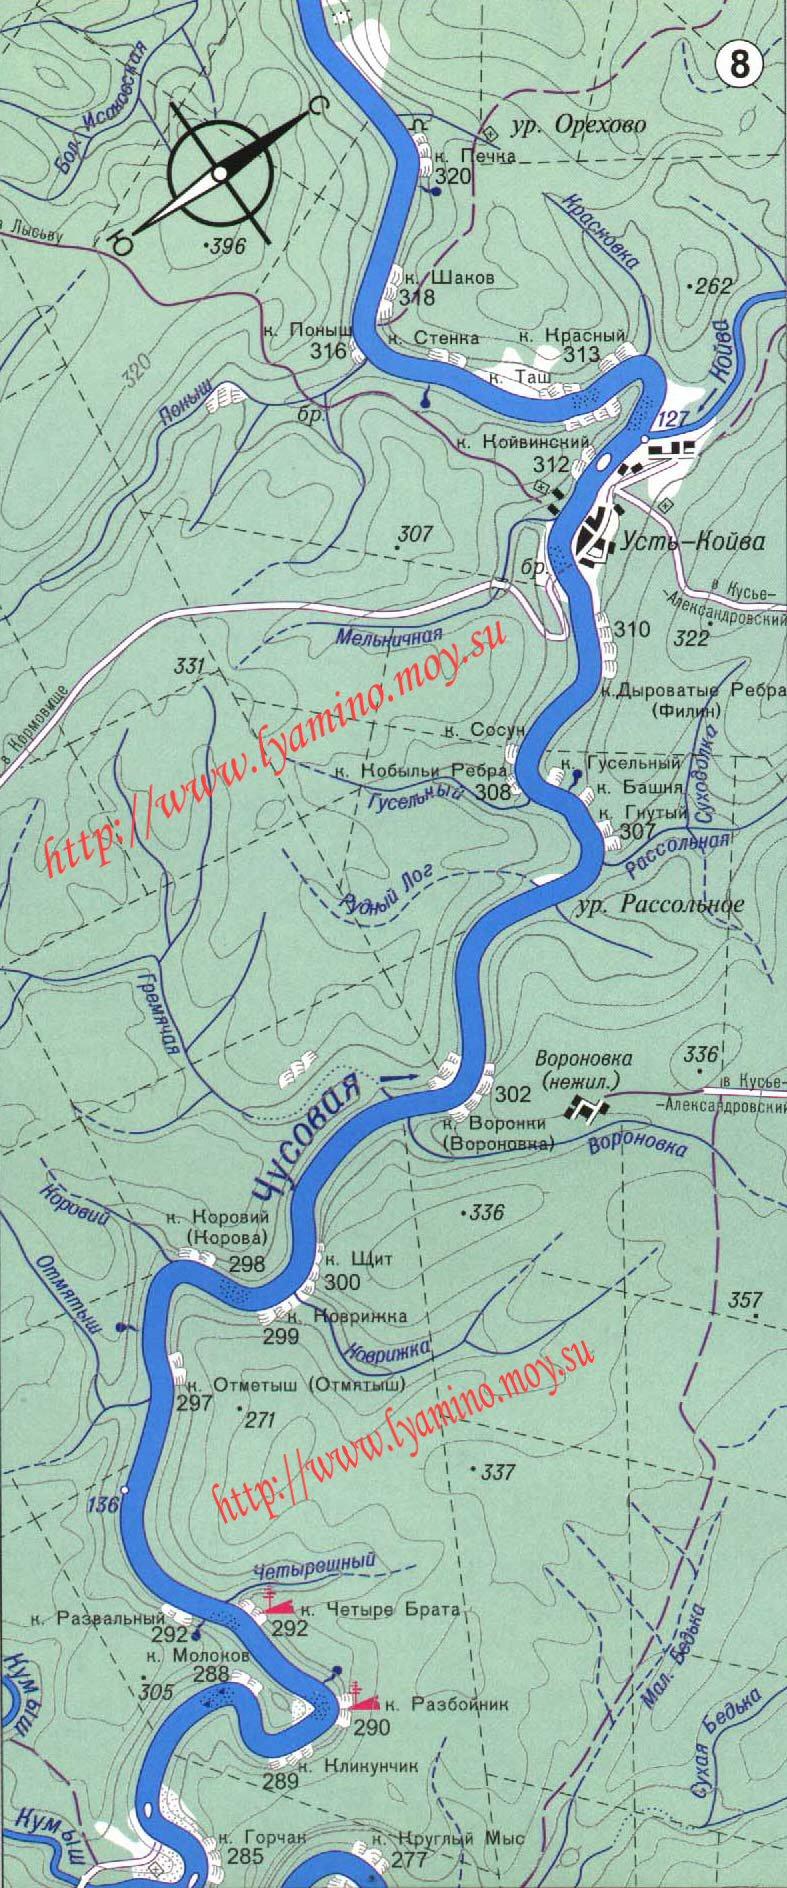 реки для рыбалки где мало населенных пунктов